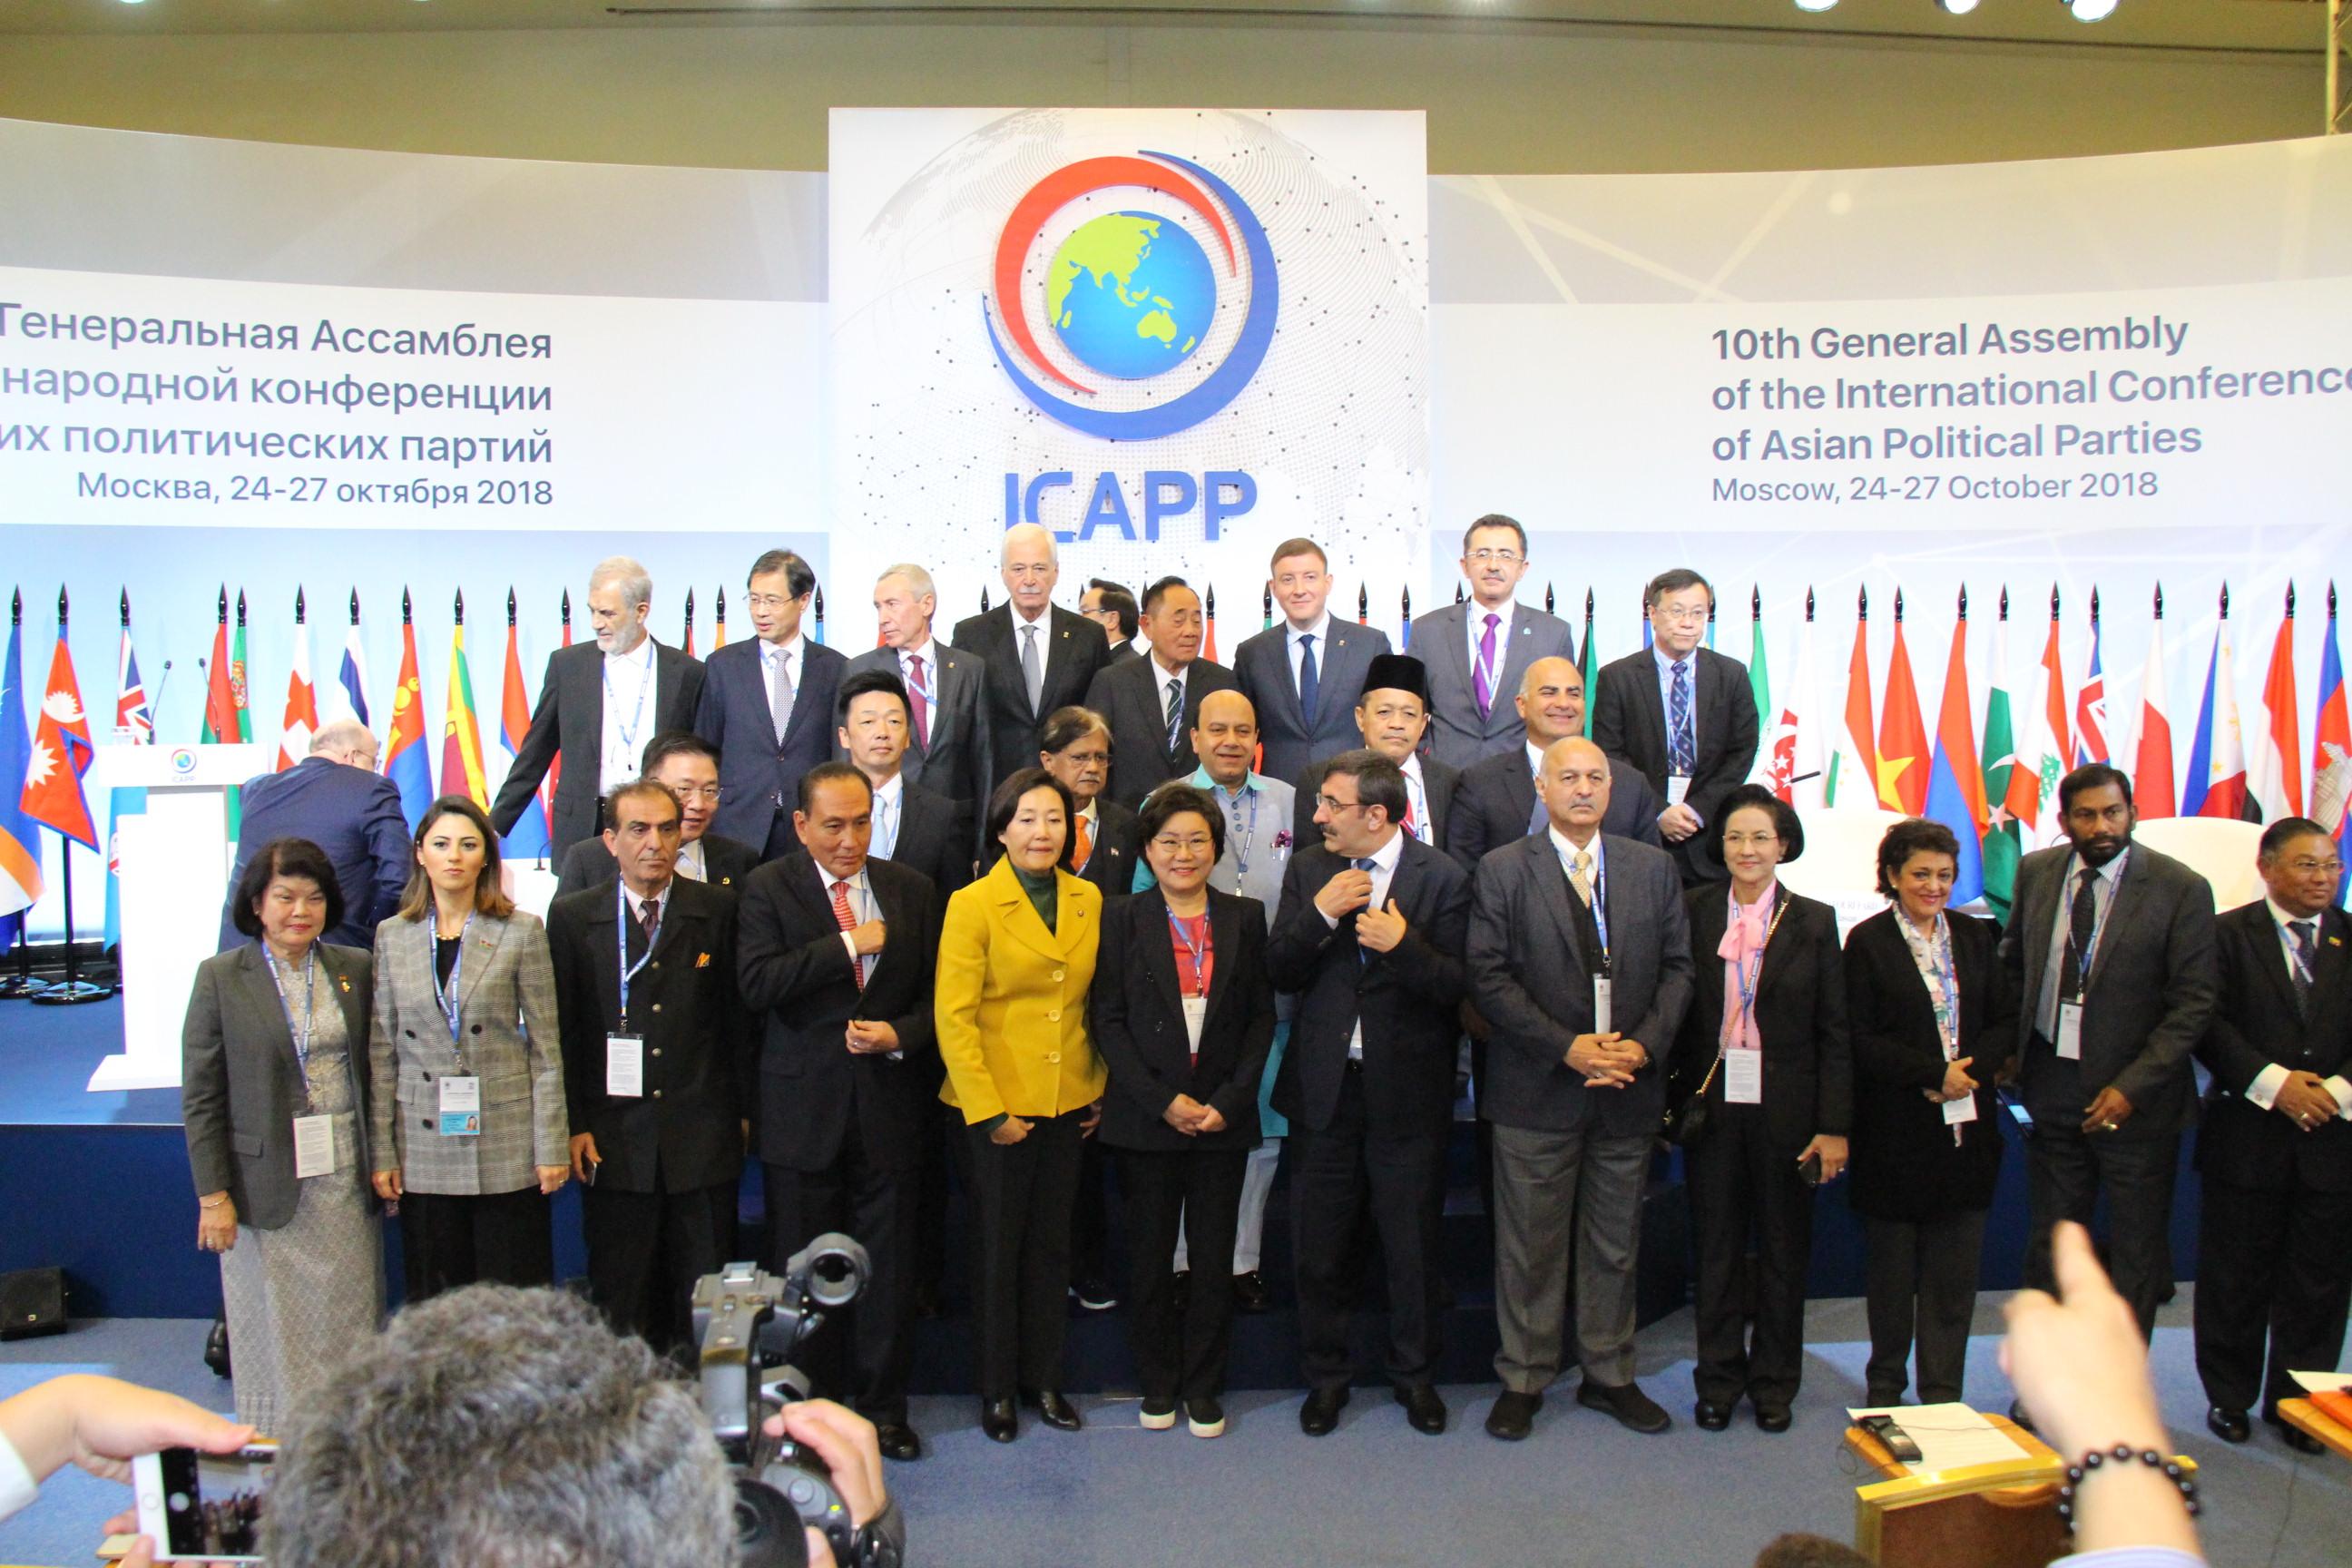 Đoàn đại biểu Đảng ta tham dự Cuộc họp lần thứ 33 các đảng chính trị châu Á